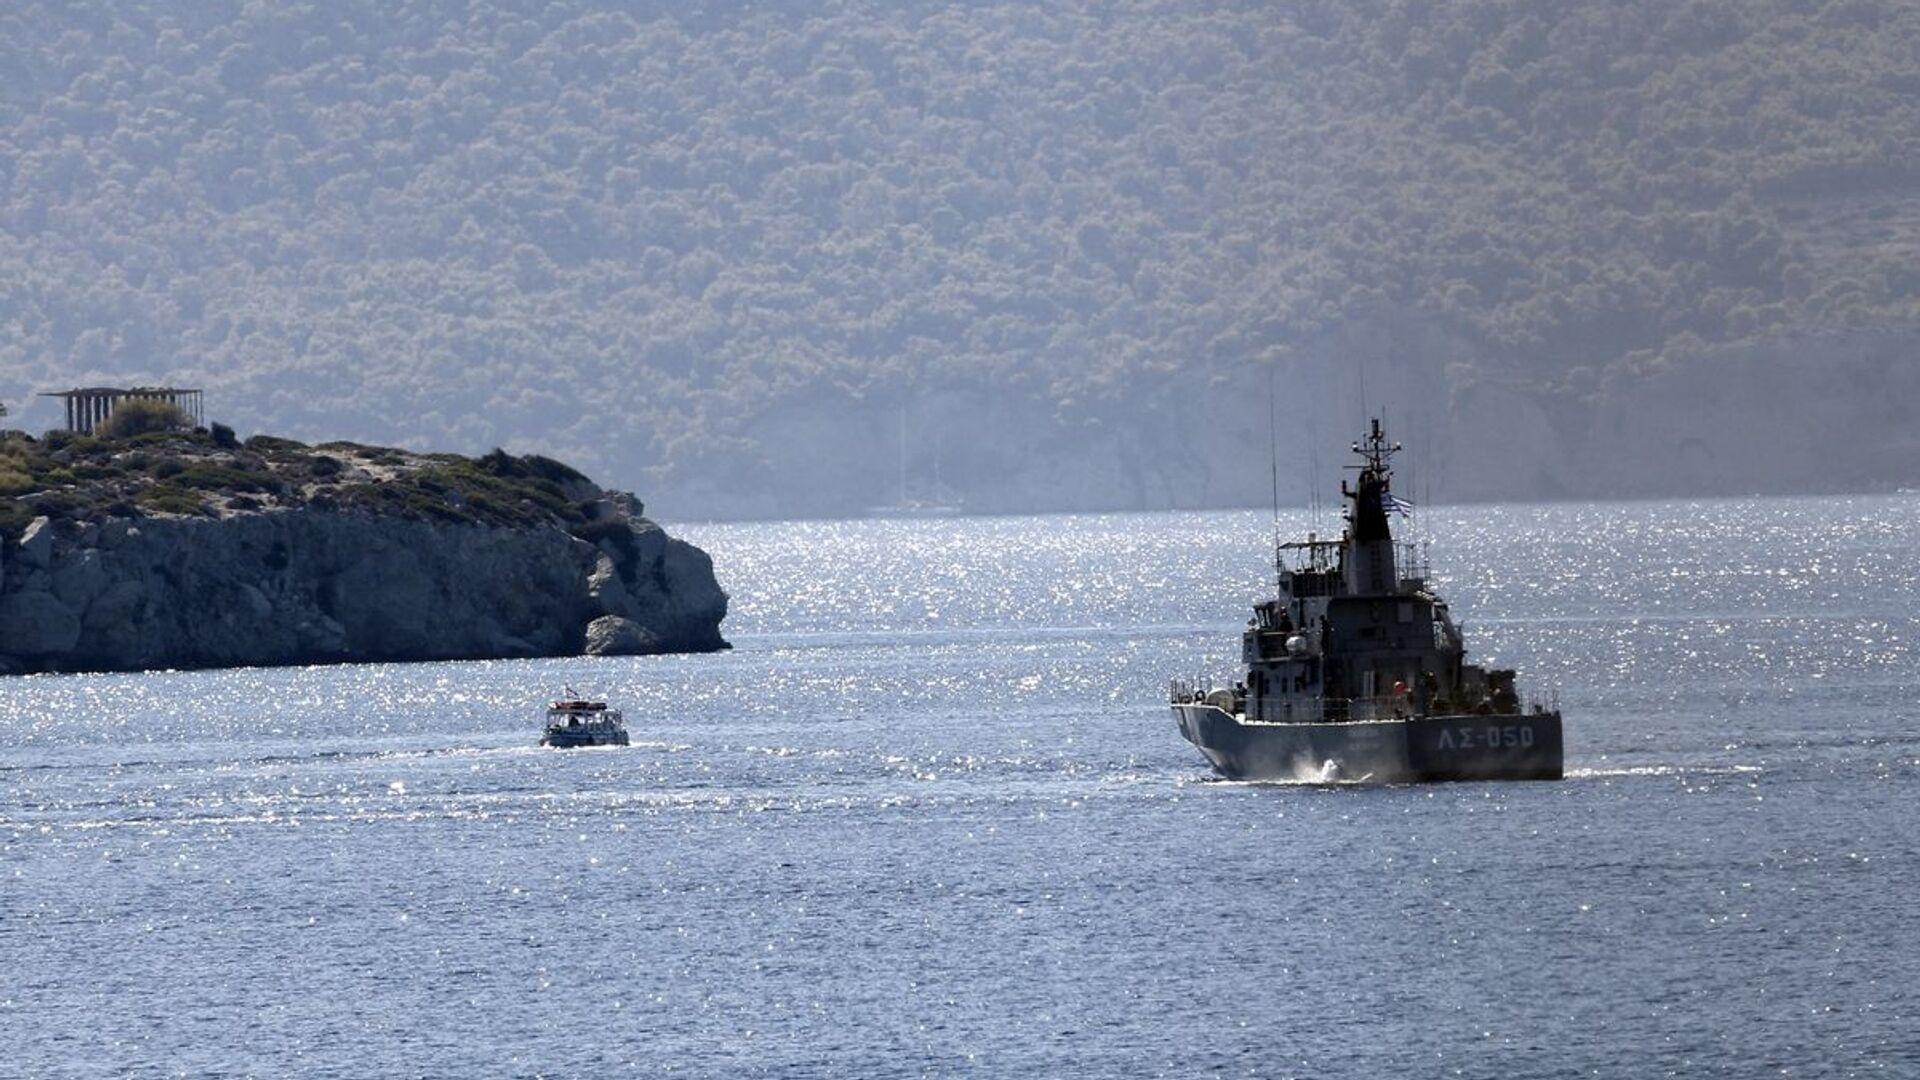 Σκάφος του Λιμενικού - Sputnik Ελλάδα, 1920, 01.10.2021